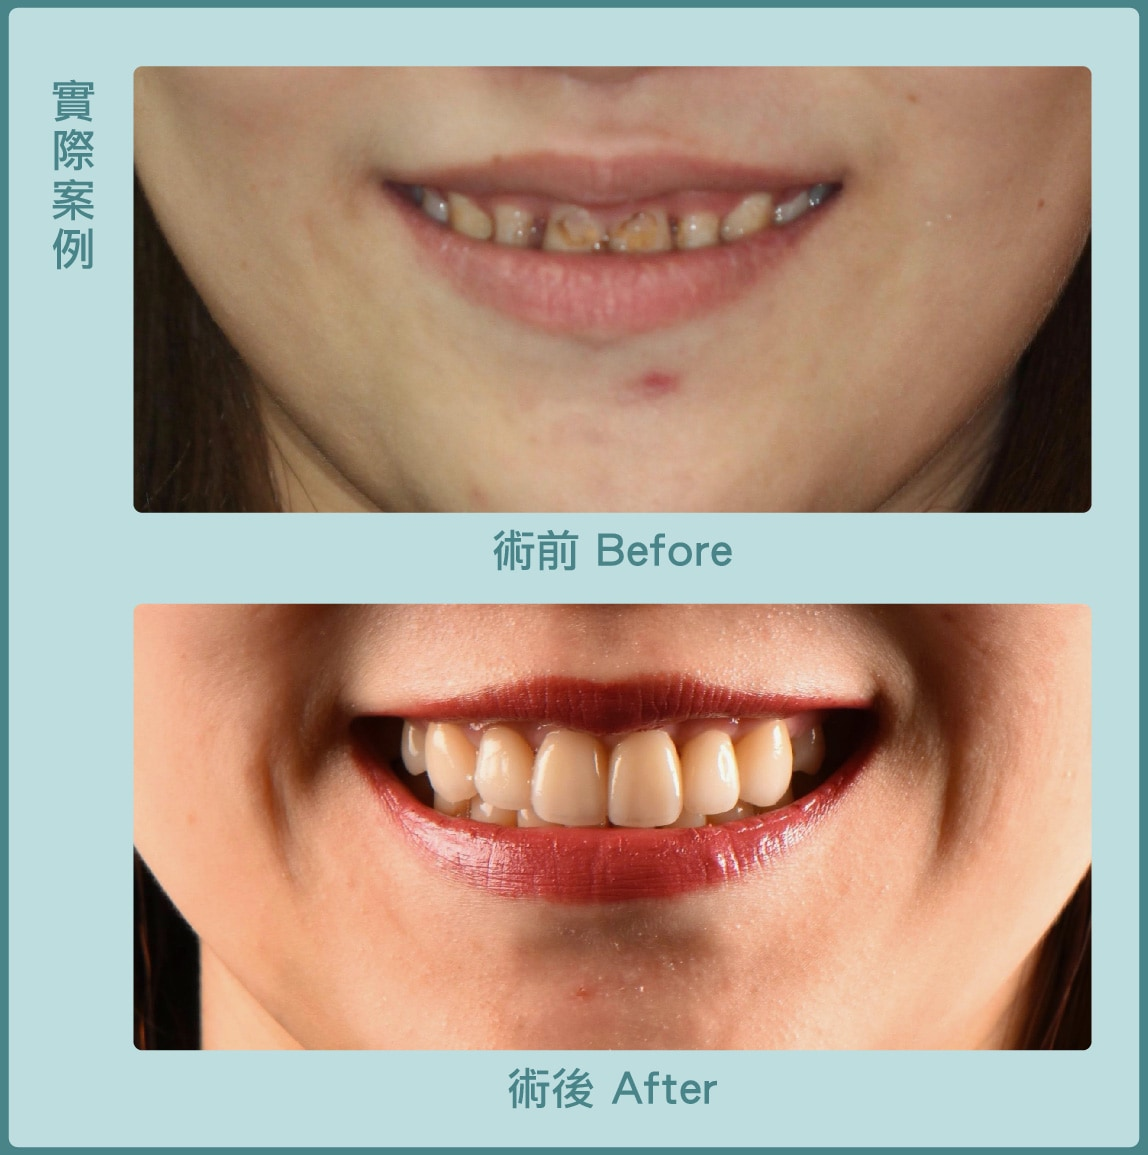 牙冠增長術-笑露牙齦-瓷牙貼片-術前術後比較-葉立維醫師-桃園